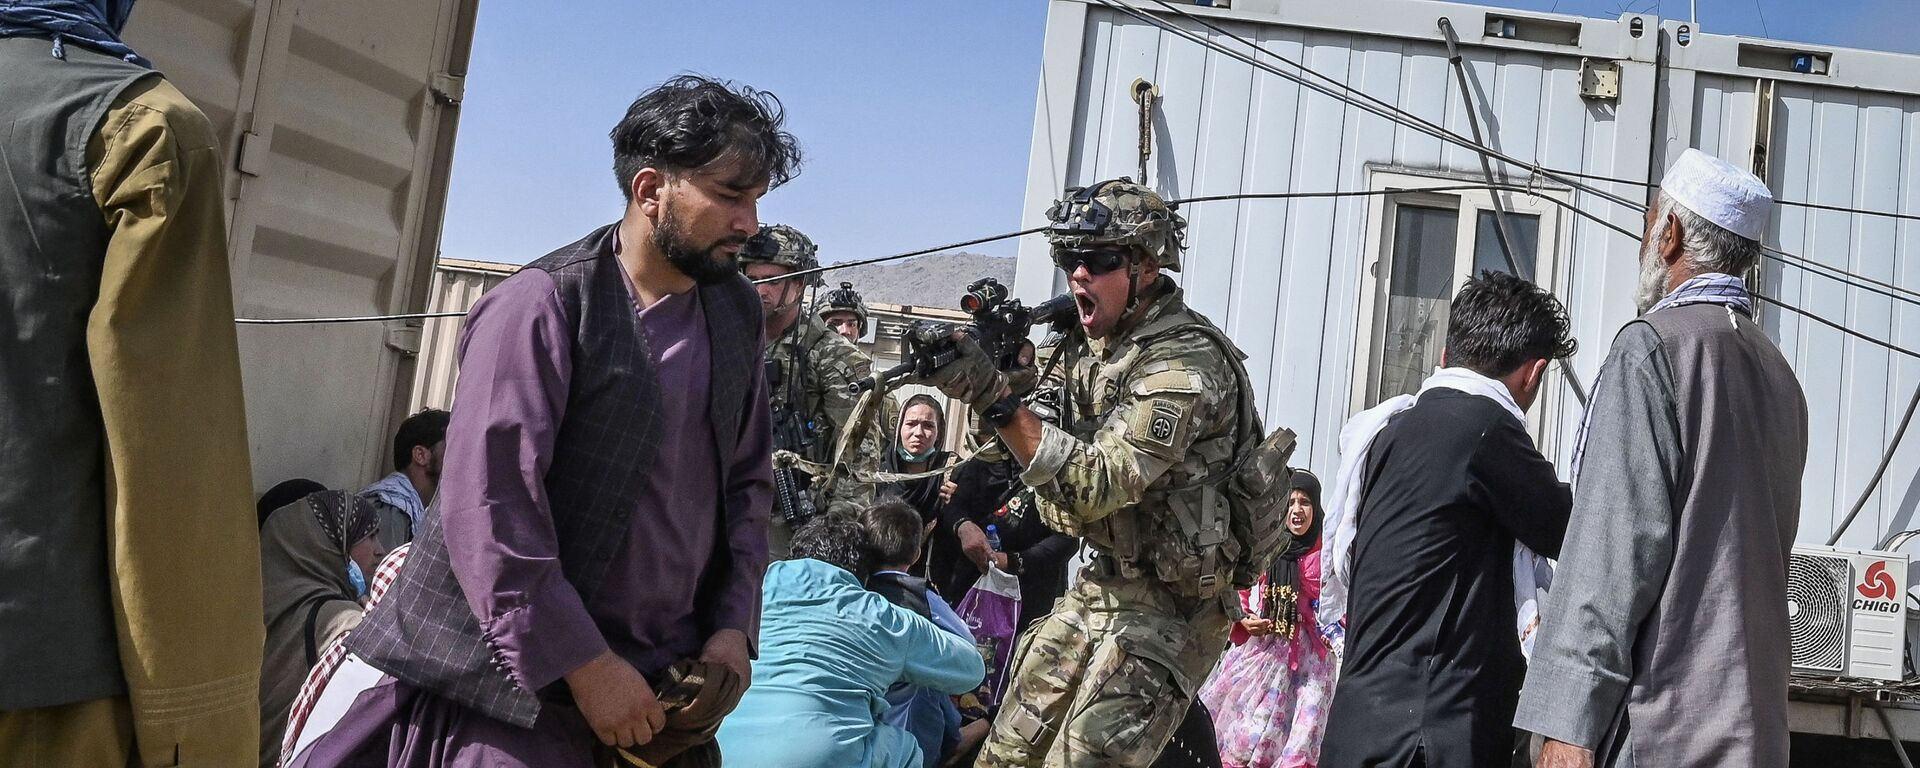 Американский солдат целится в афганцев в аэропорту Кабула  - Sputnik Česká republika, 1920, 26.08.2021